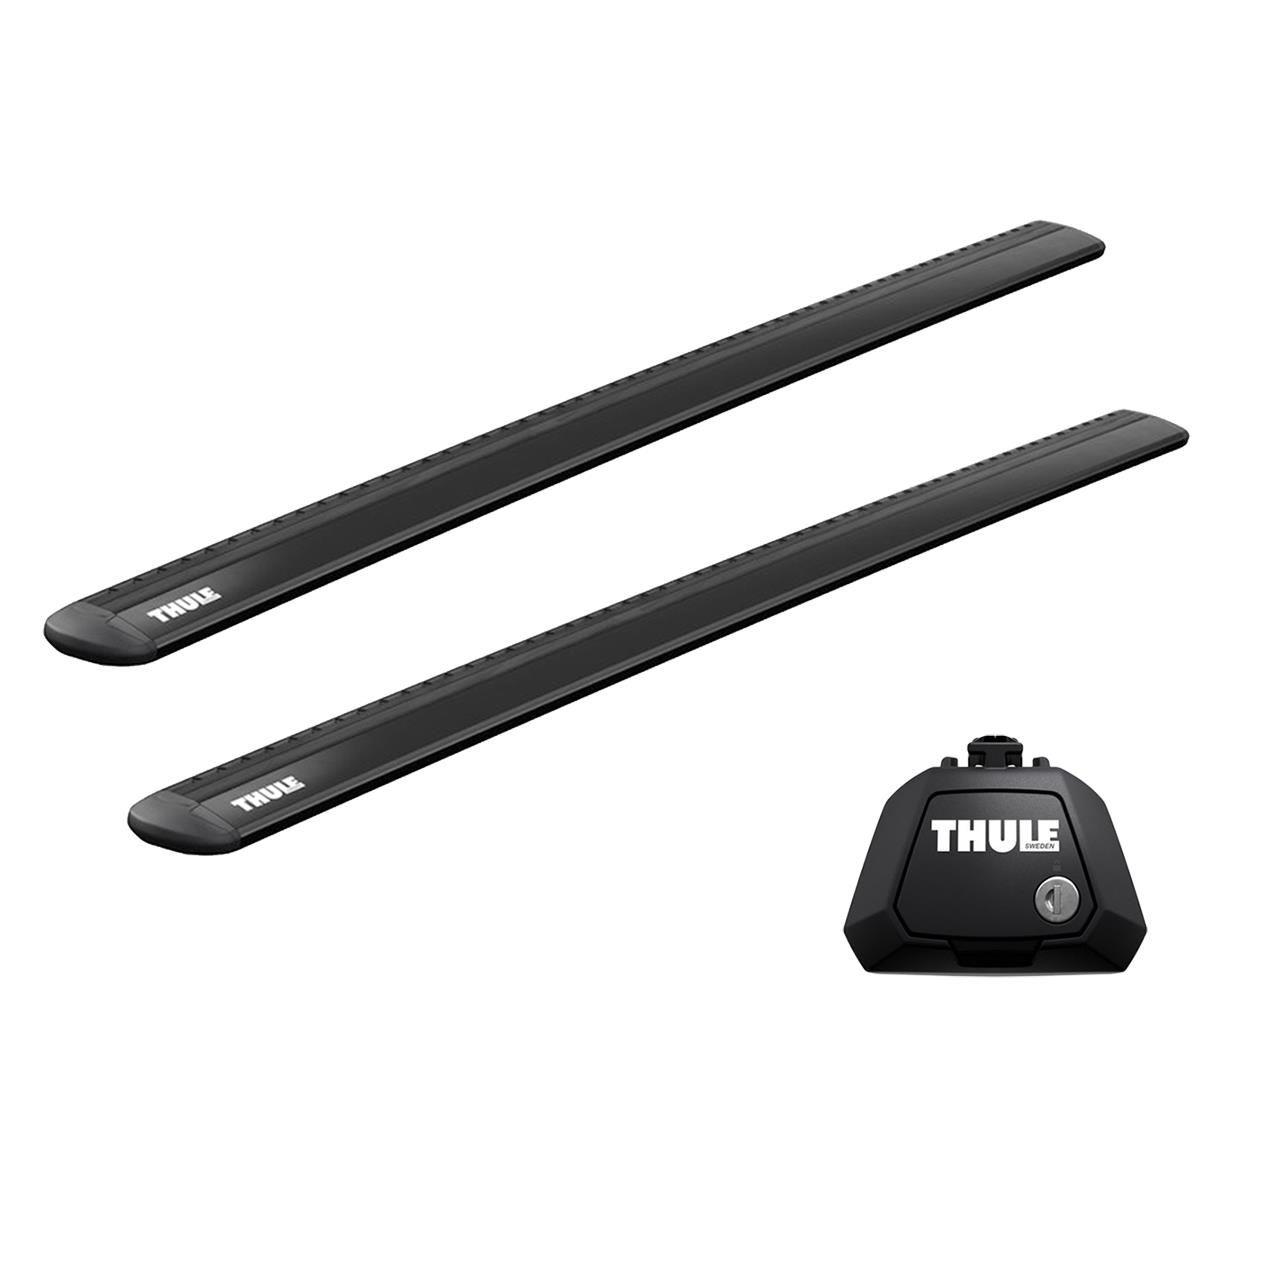 Напречни греди Thule Evo Raised Rail WingBar Evo 127cm в Черно за KIA Sorento 5 врати SUV 10-15 с фабрични надлъжни греди с просвет 1